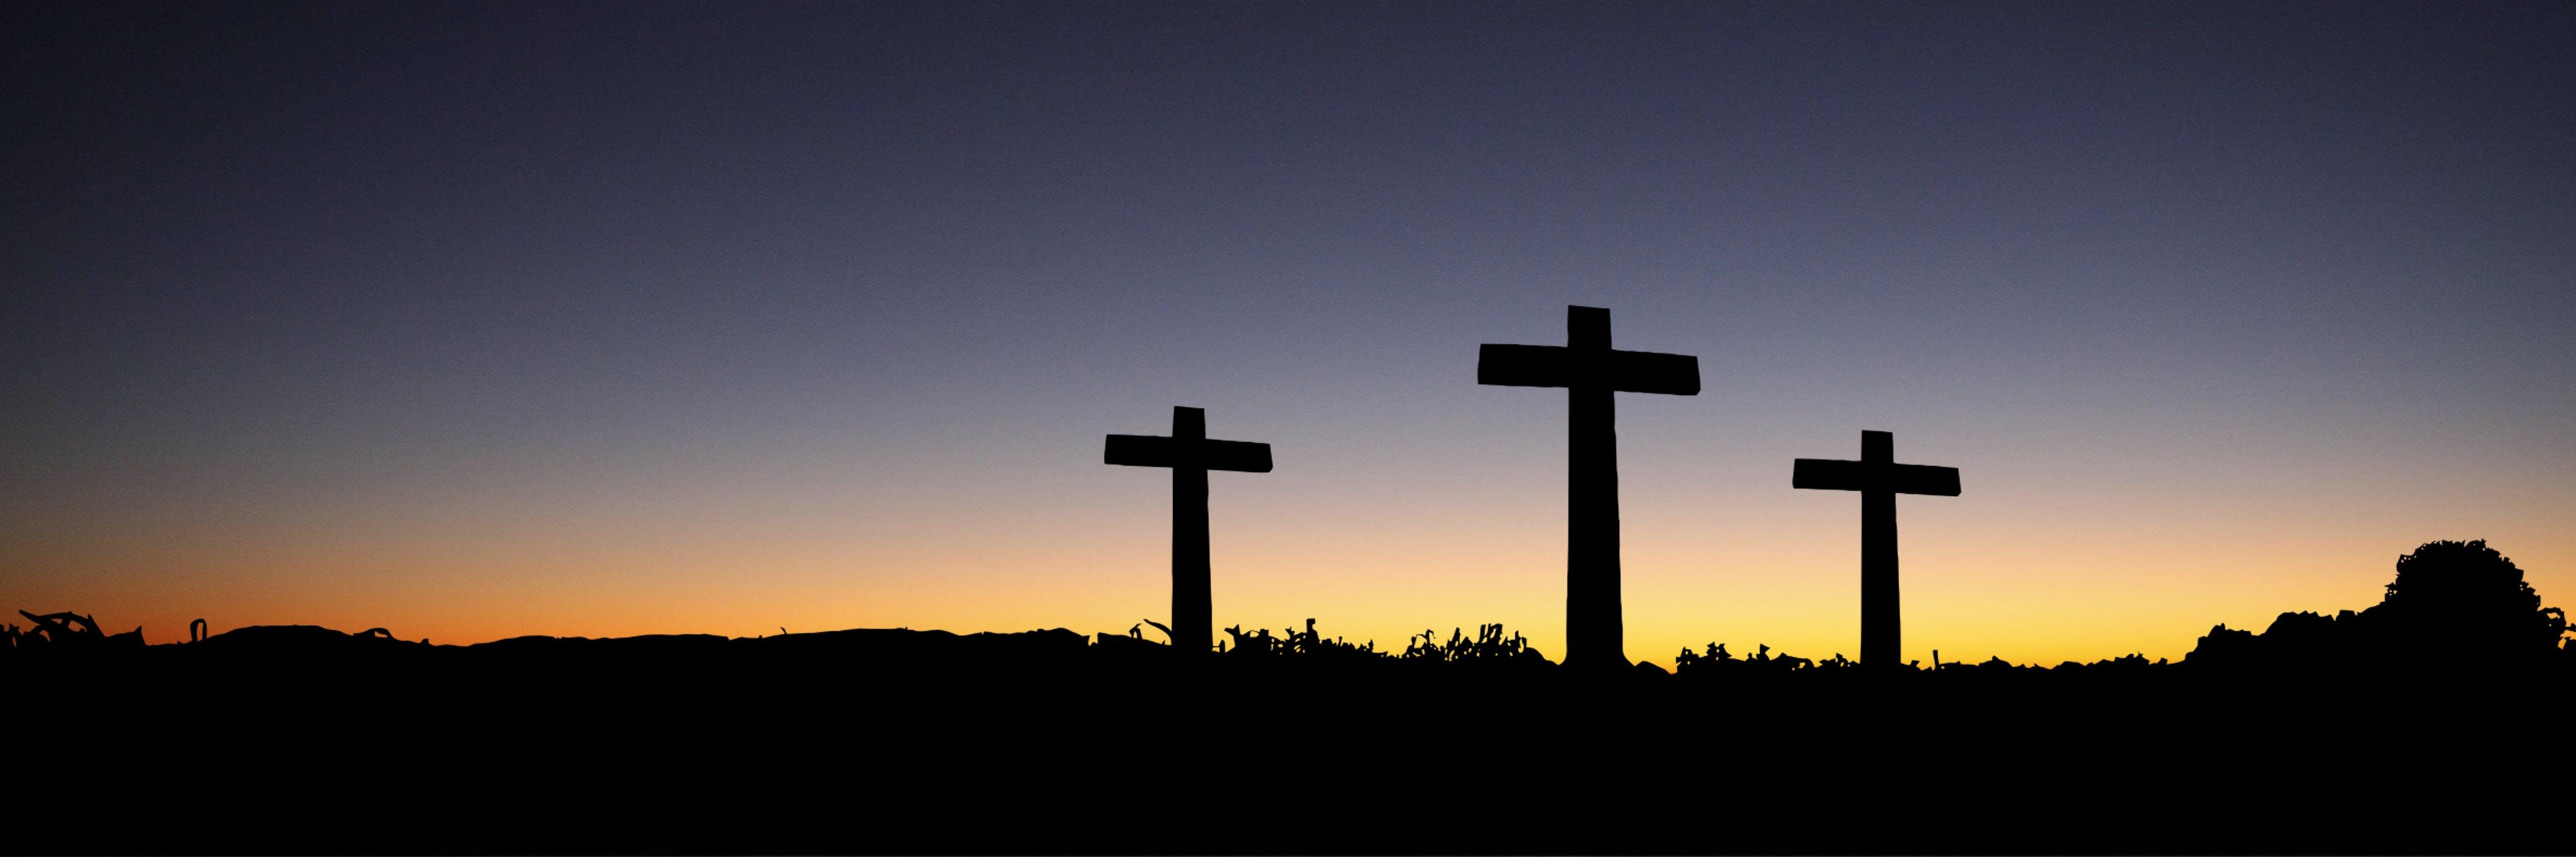 全景, 十字架, 基督教, 日出 的 免费素材照片